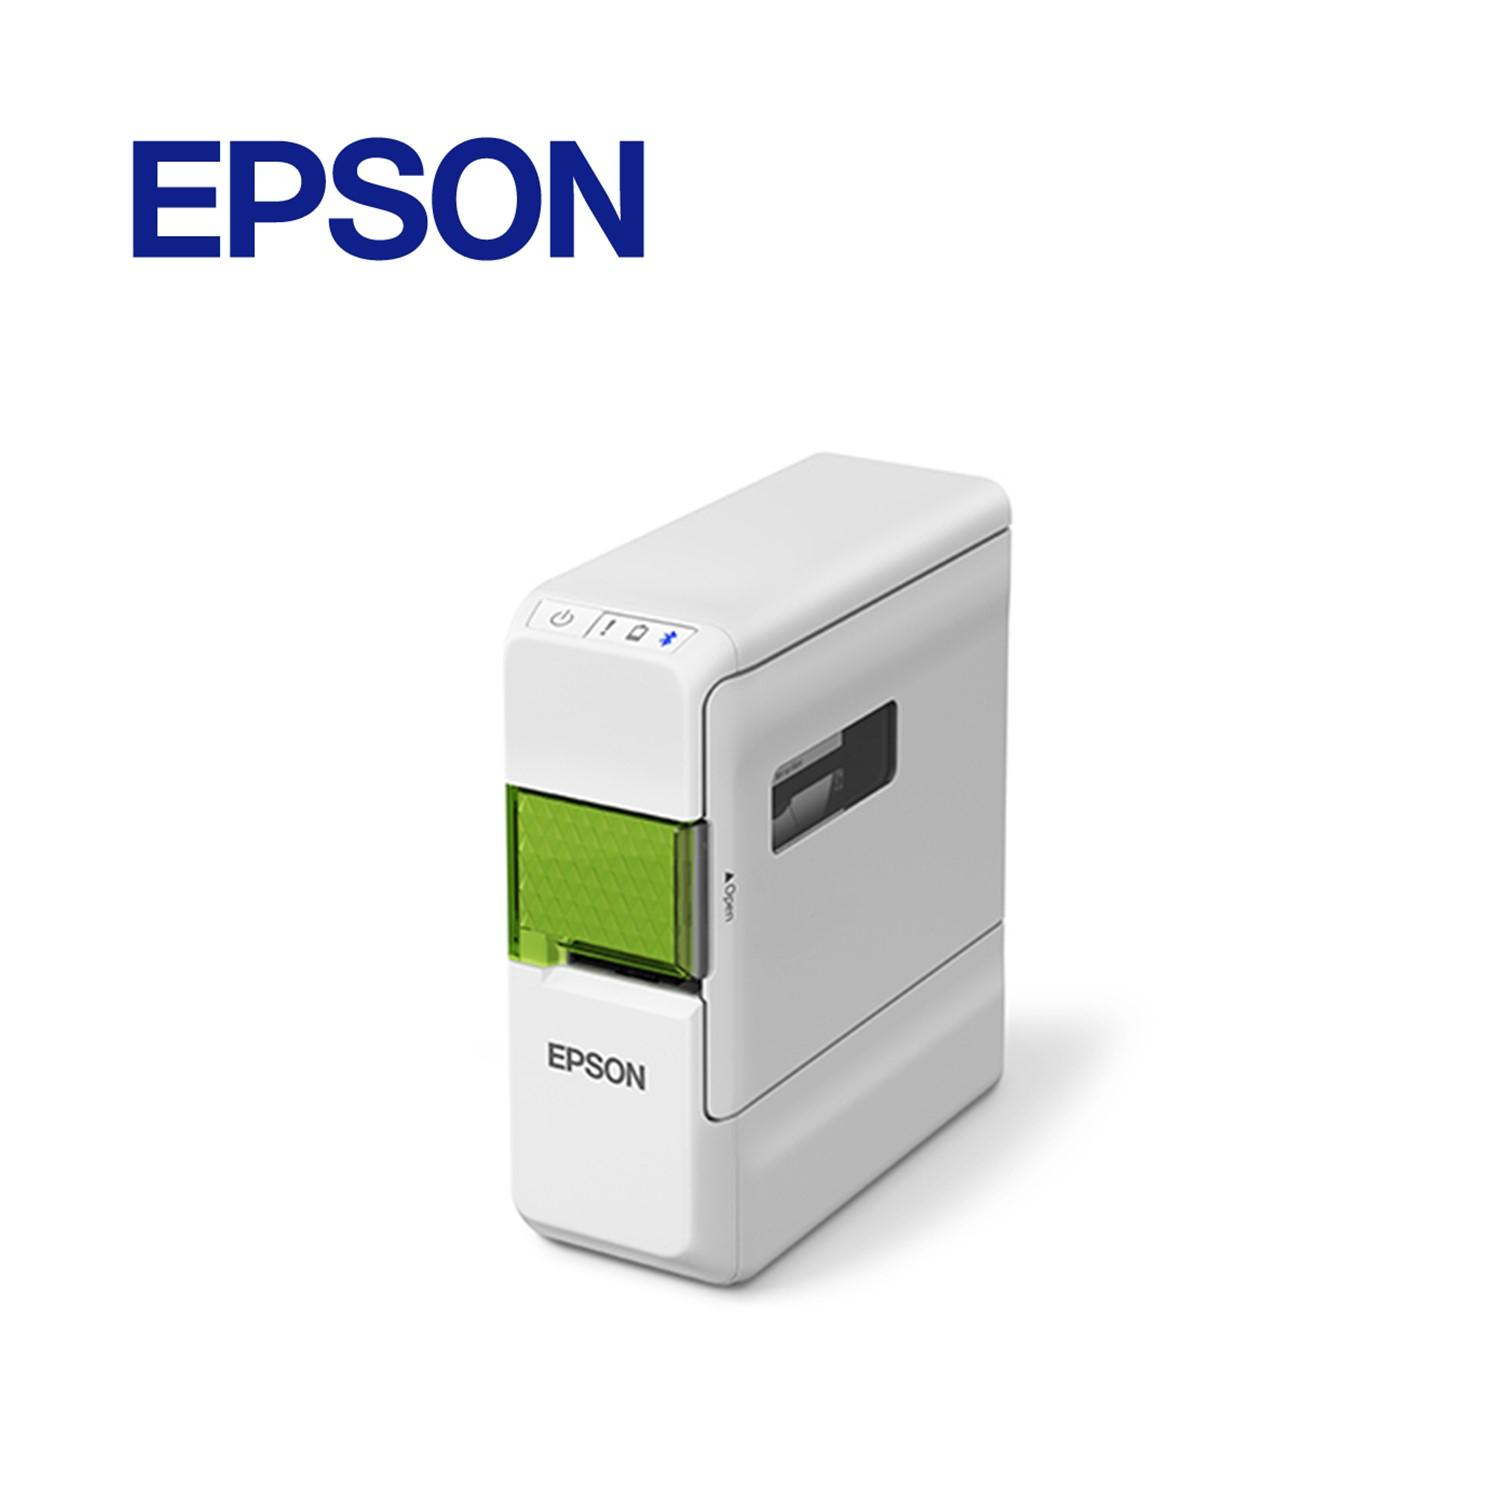 EPSON LW-C410 文創風藍牙手寫標籤機